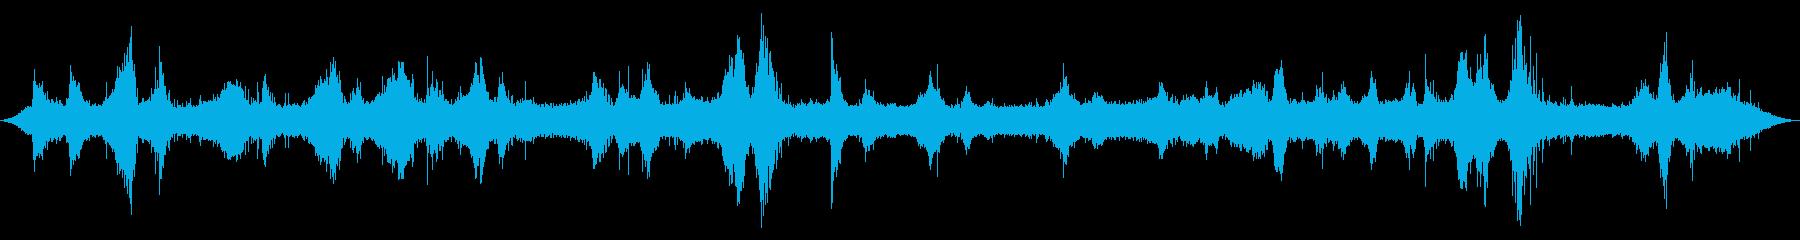 オーシャン:波が小石やロックショア...の再生済みの波形